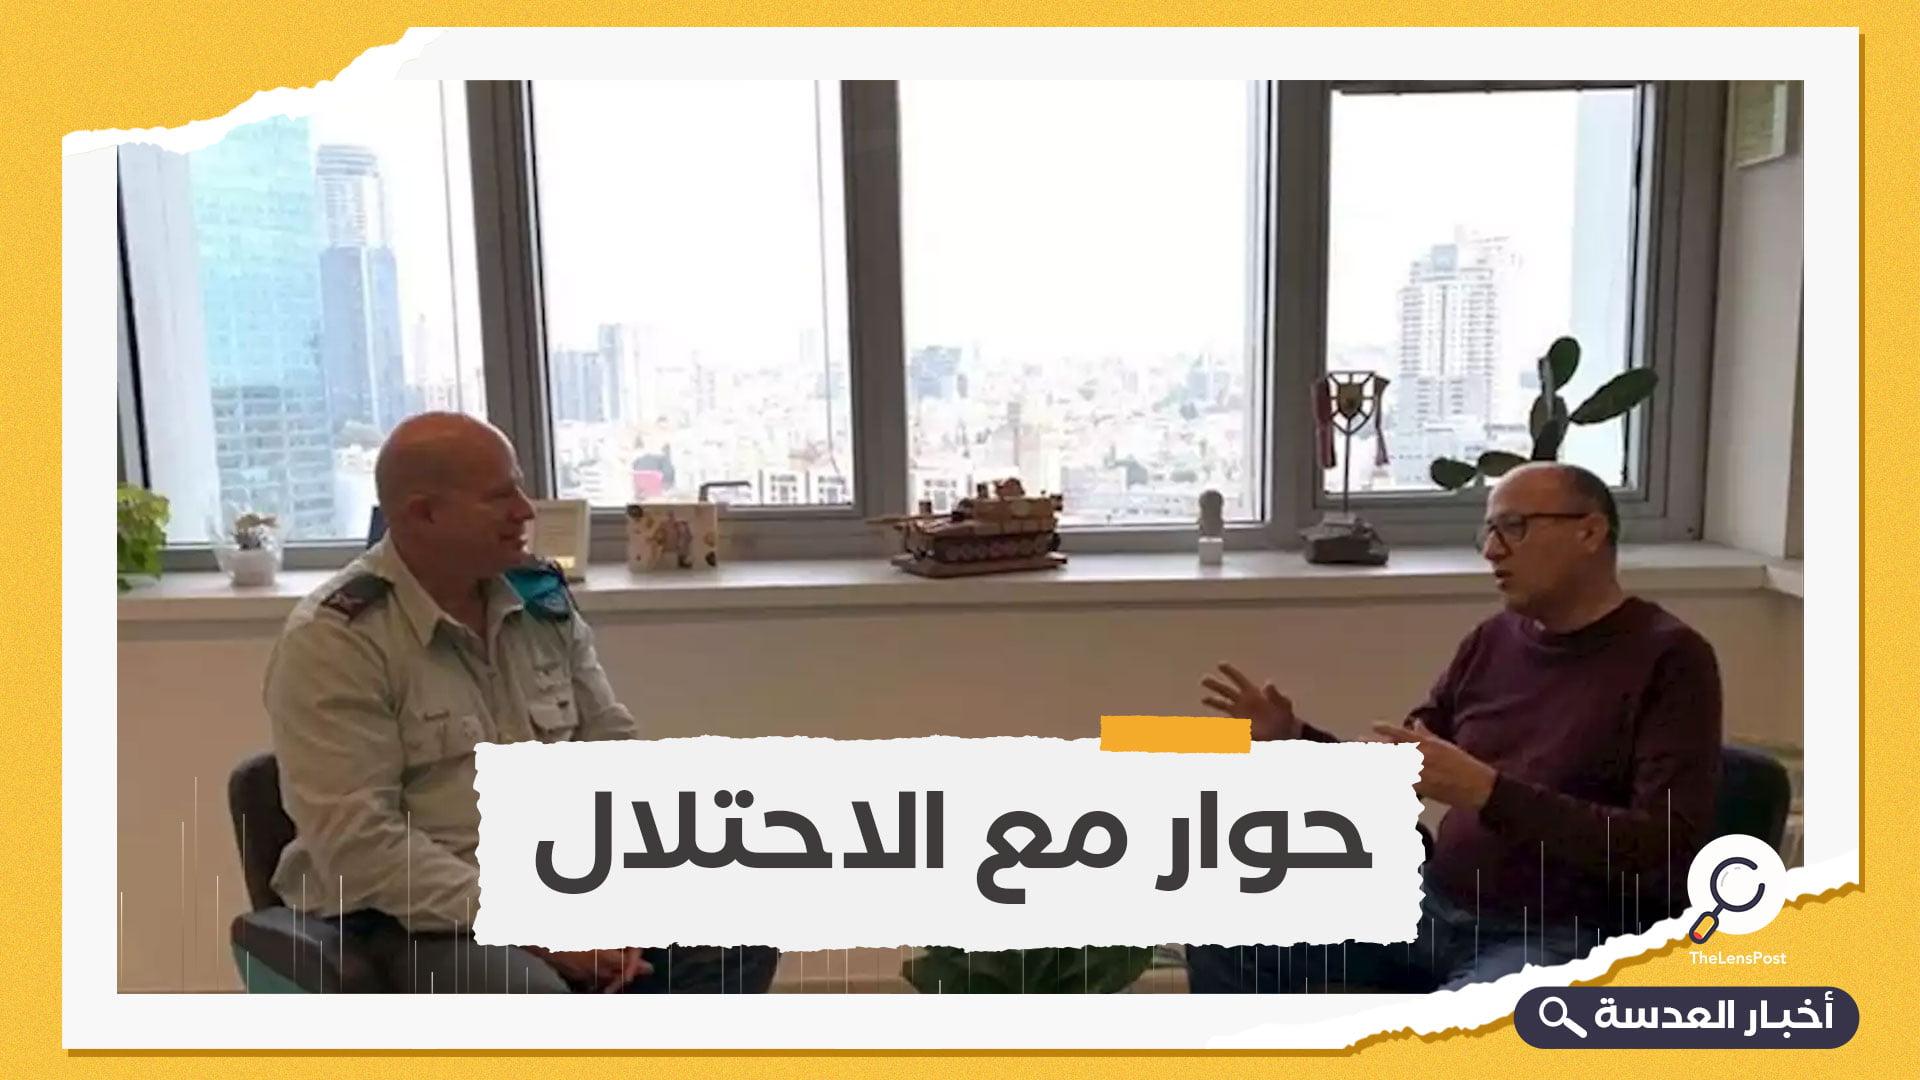 تطبيع وشيك.. صحيفة سعودية تحاور متحدثا باسم الجيش الإسرائيلي